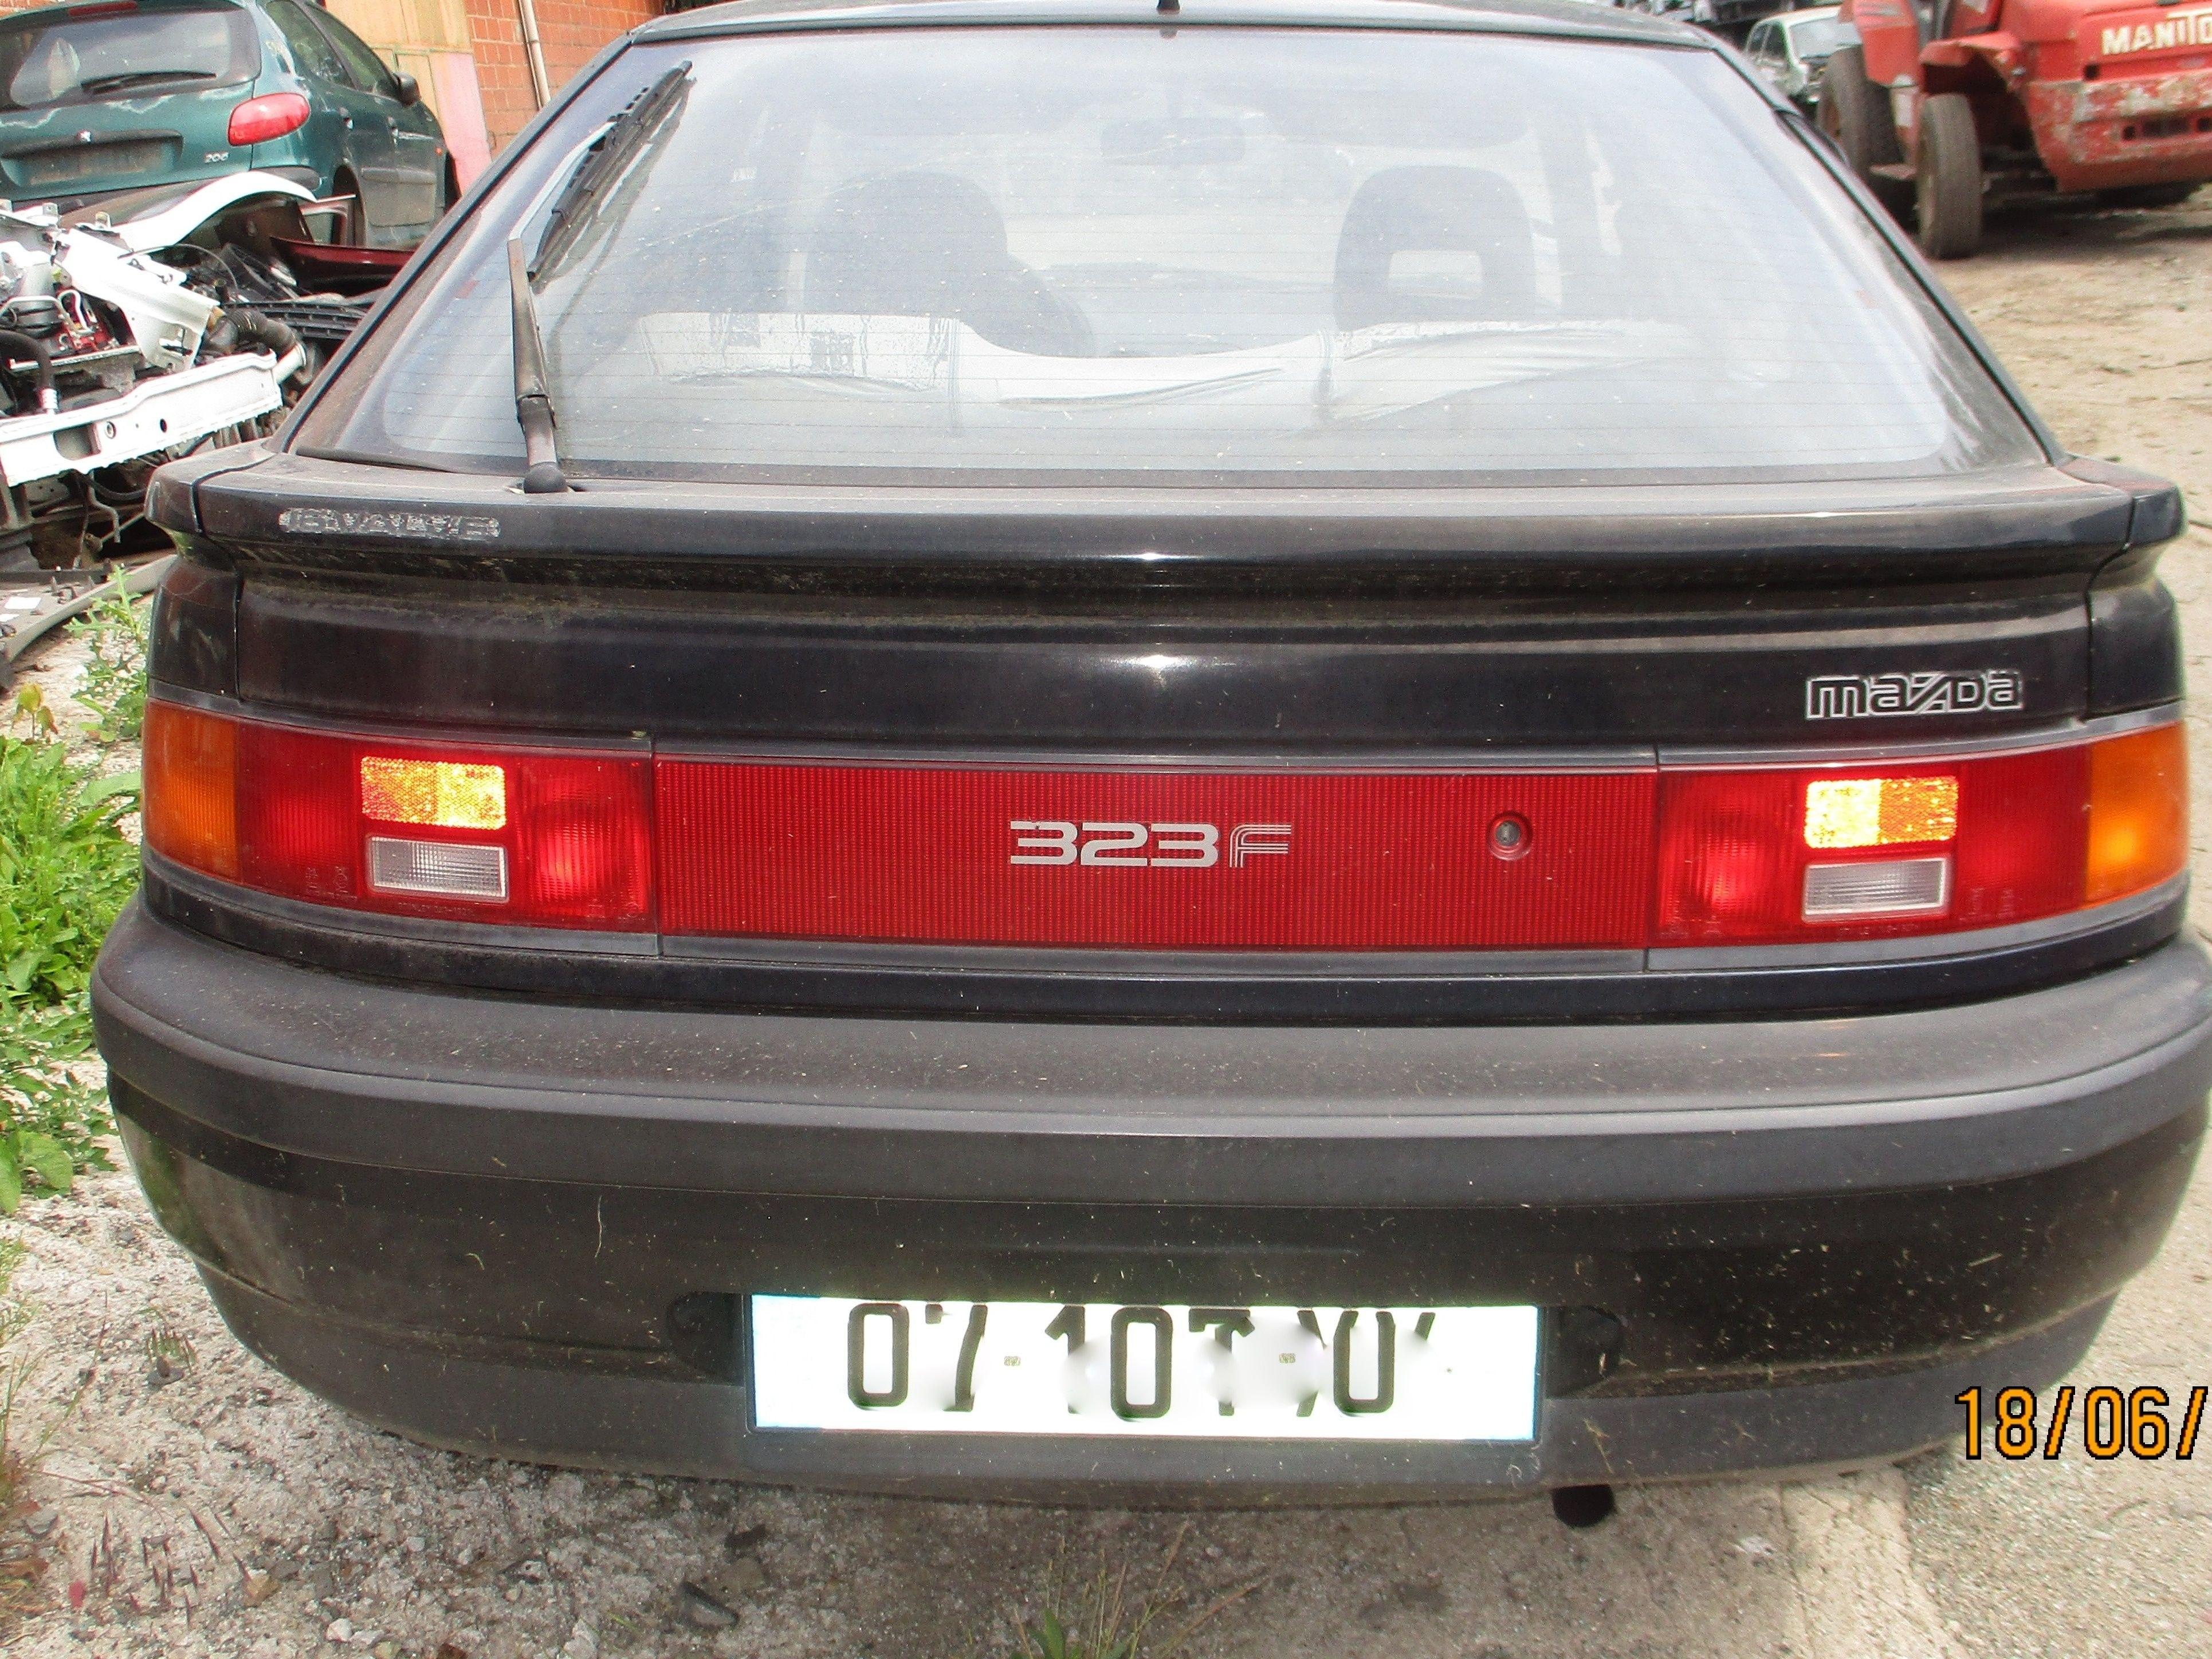 MAZDA 323 1600 ESSENCE 16V 83 CV